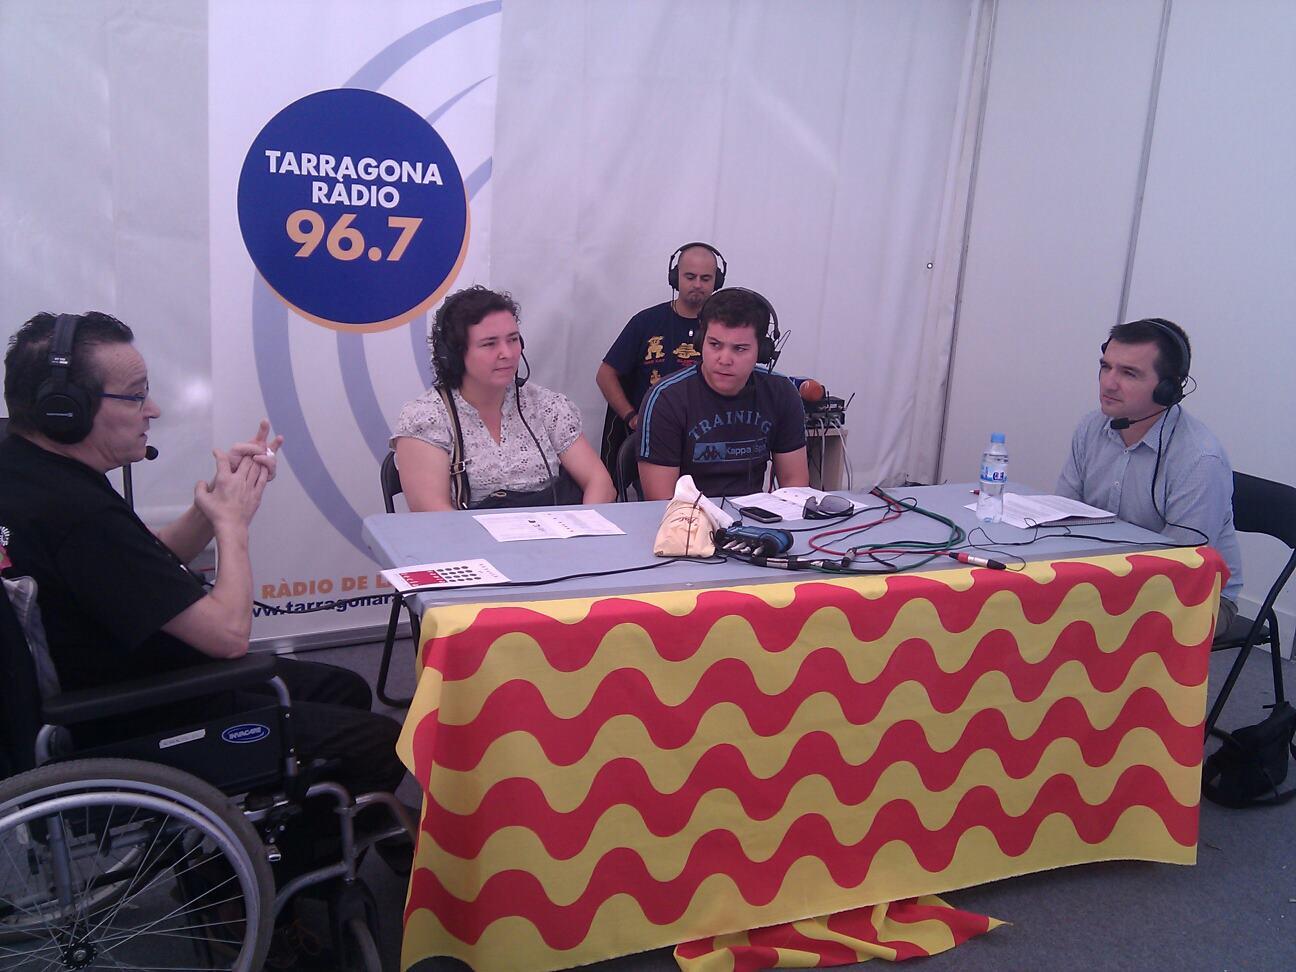 Entrevista de Tarragona Ràdio a Jaume Guasch, a l'estand de les festes el 20 de setembre de 2011